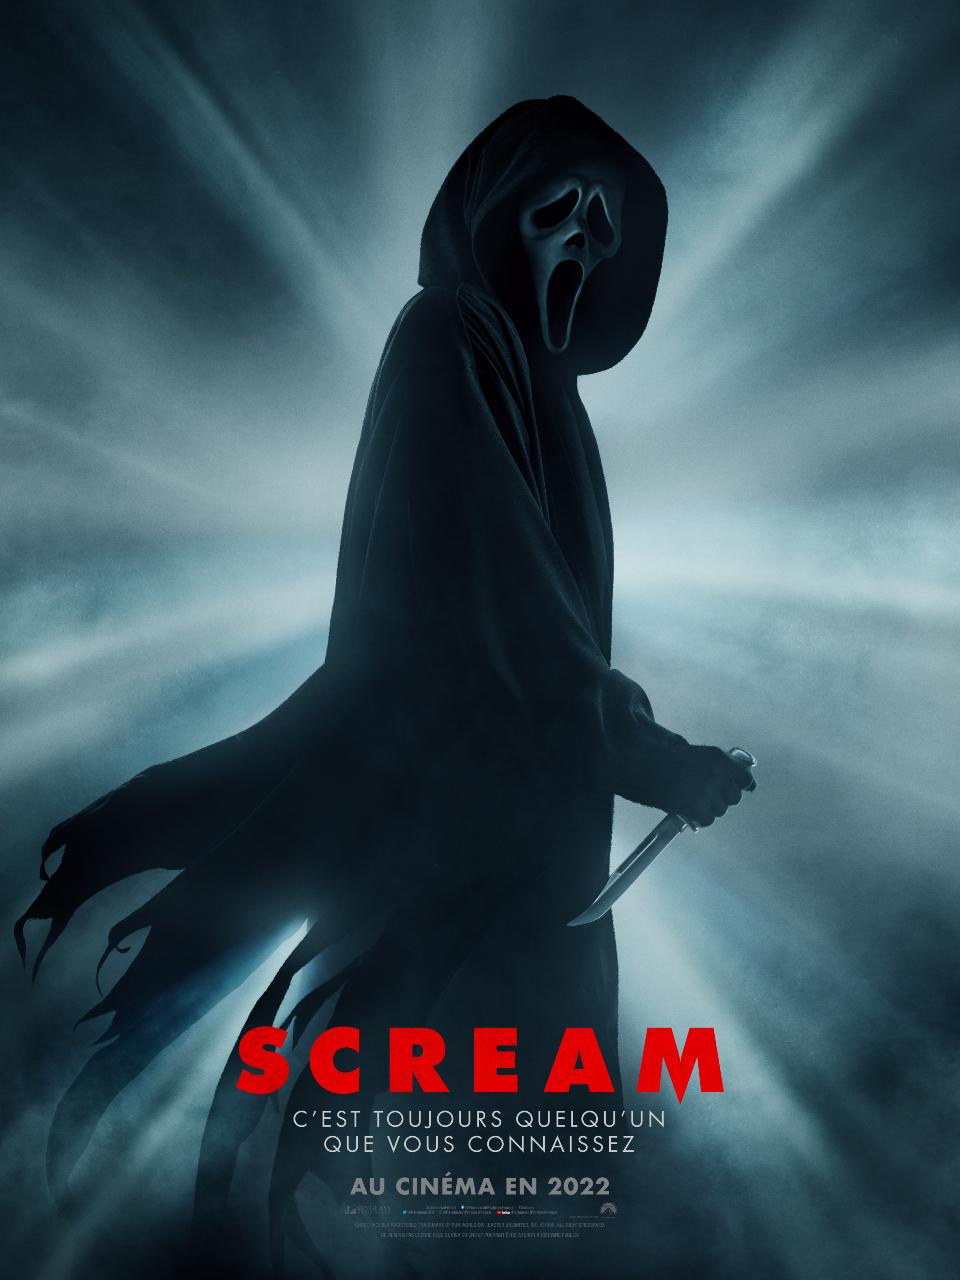 Le tueur de Scream de retour dans un 5e opus avec une bande-annonce !